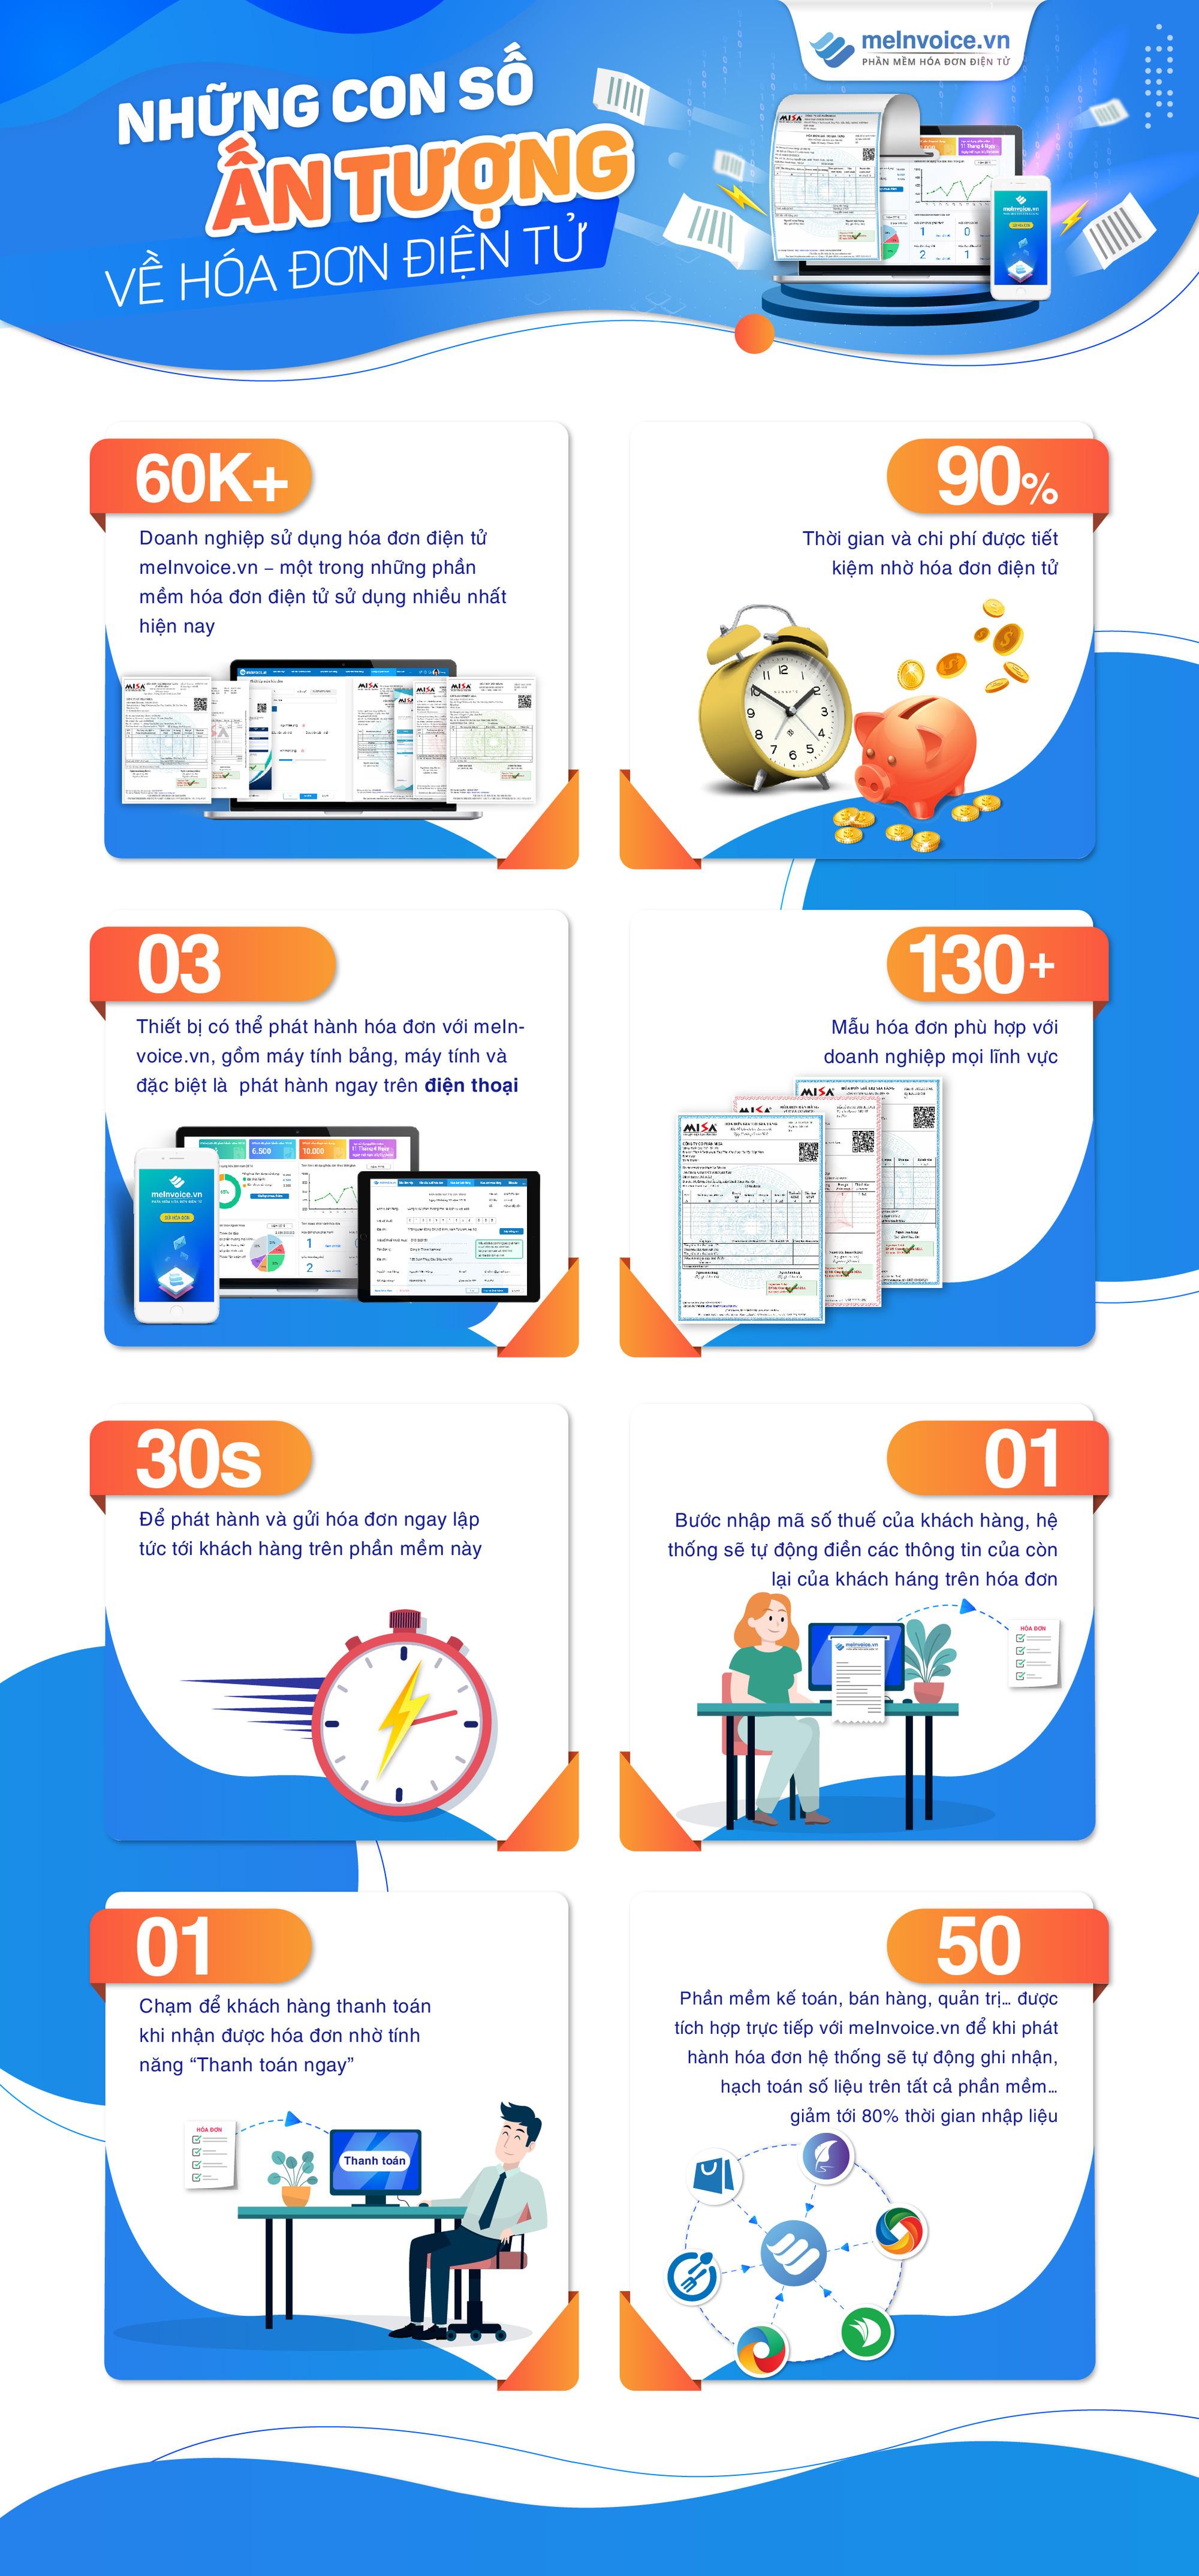 Những con số ấn tượng về hóa đơn điện tử doanh nghiệp cần biết - Ảnh 1.